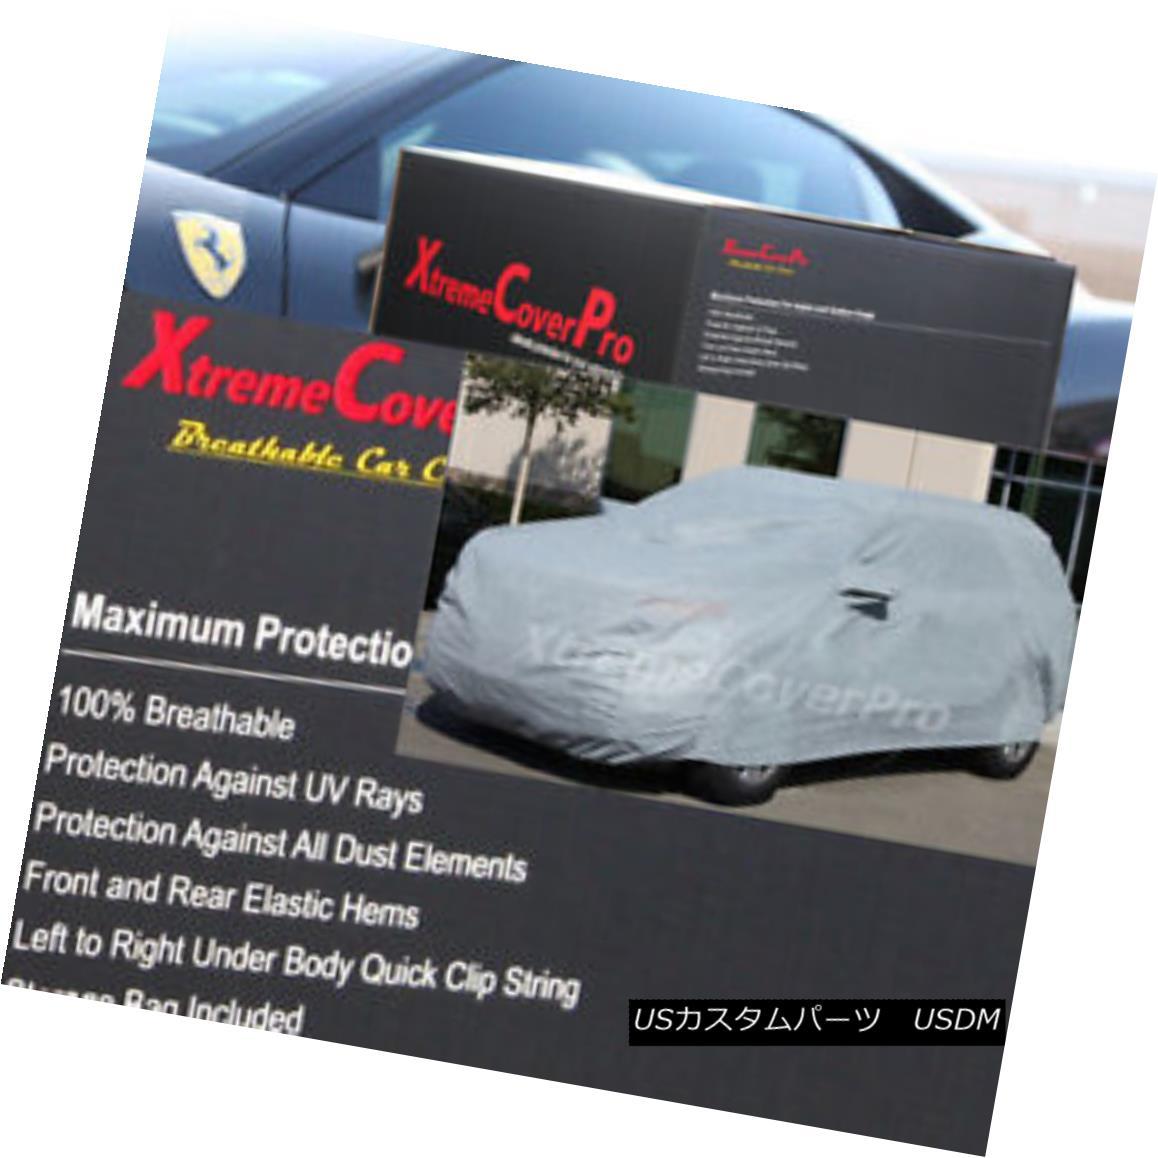 カーカバー 2005 2006 Chevy Uplander Short Wheel Base Breathable Car Cover w/MirrorPocket 2005年2006シボレーアッププレーダーショートホイールベースベースの通気性のある車カバー付き/ミラーポケット